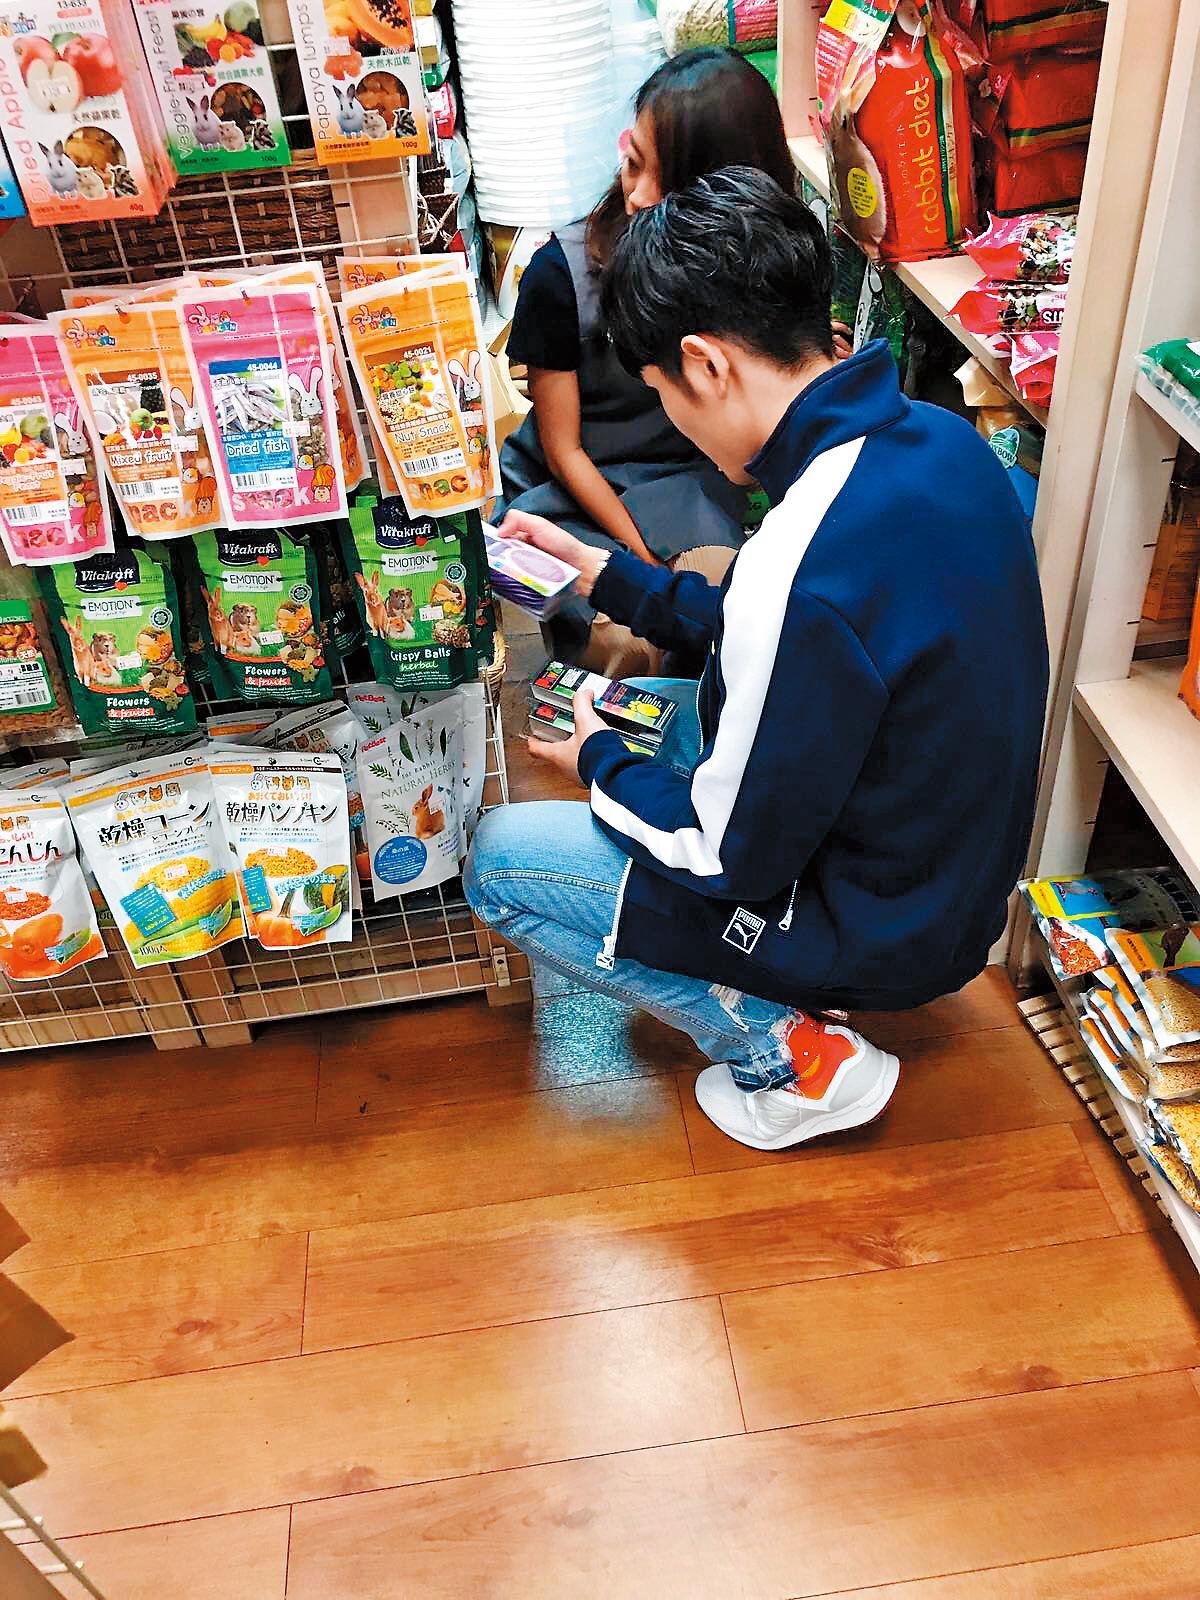 蕭敬騰在寵物店仔細研究毛小孩營養品,然後打包回家。